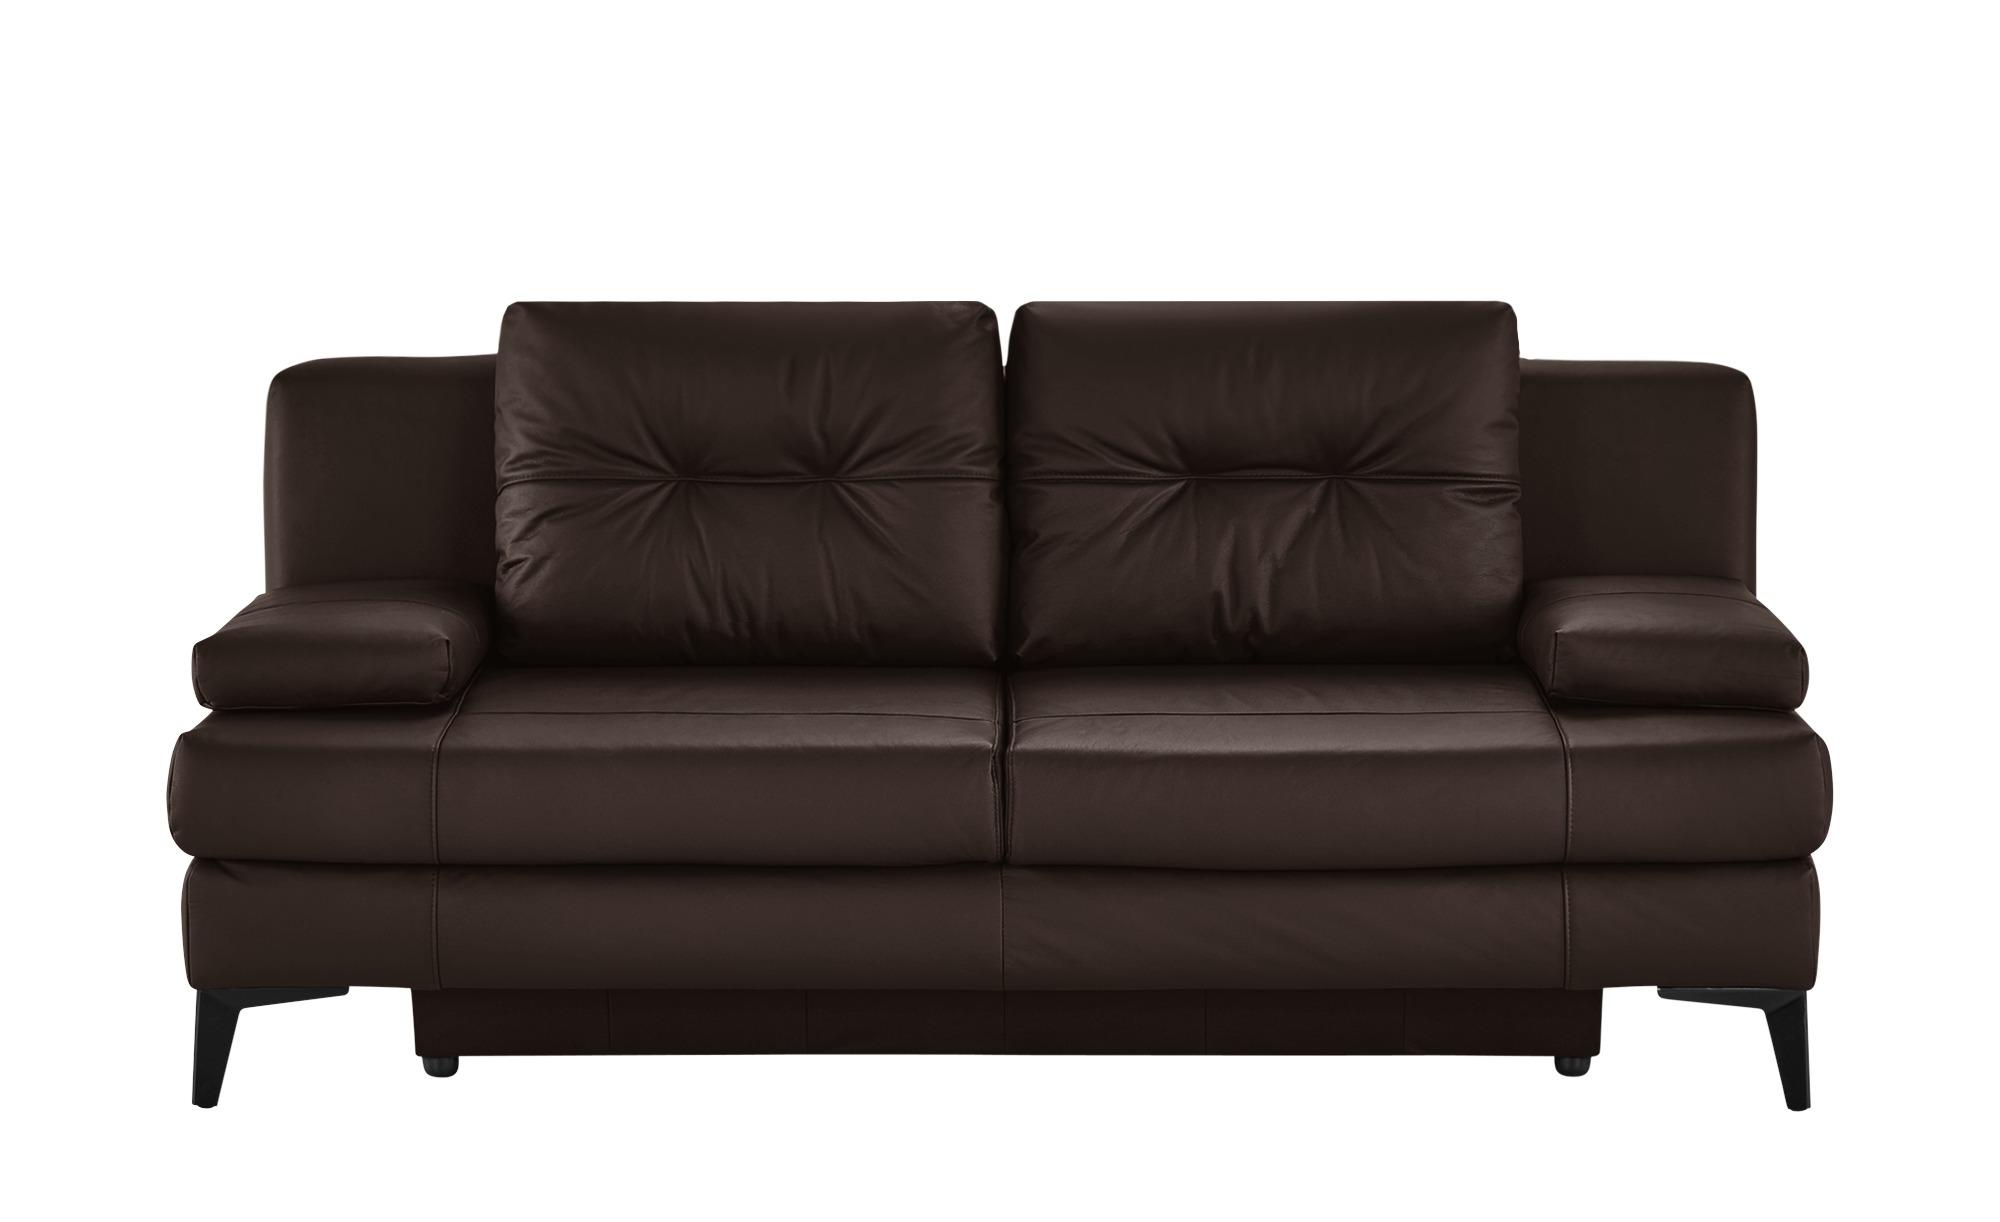 Ledersofa  Svea ¦ braun ¦ Maße (cm): B: 202 H: 92 T: 100 Polstermöbel > Sofas > 2-Sitzer - Höffner